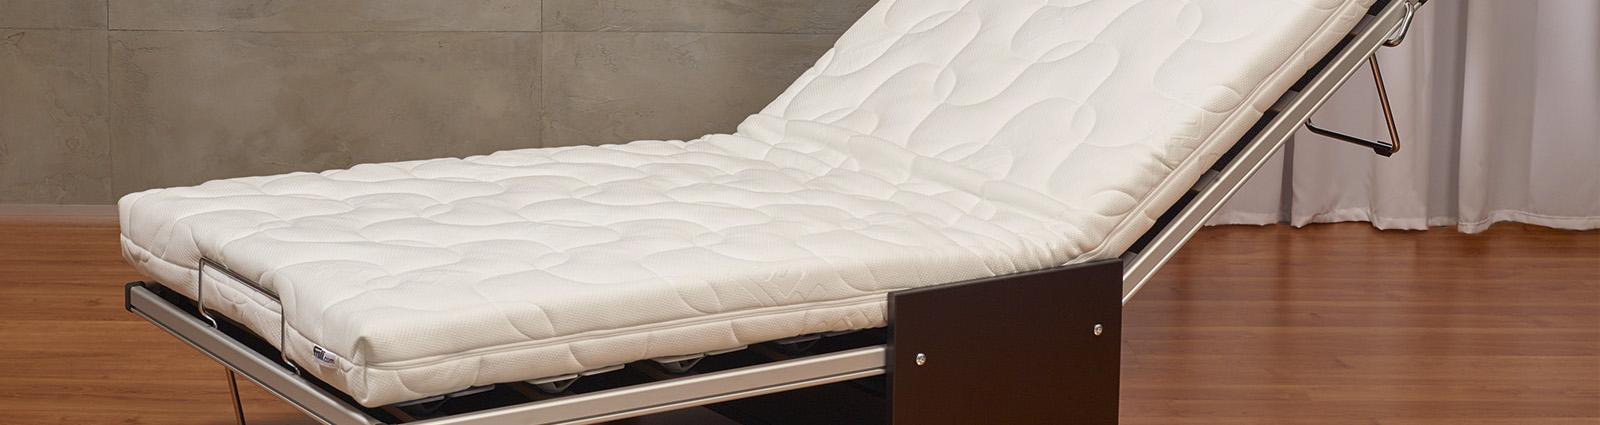 Les lits d'appoint avec les canapés convertibles, les fauteuils et banquettes BZ, les lits pliants,  les lits verticaux, est une solution efficace pour vous assurer flexibilité au niveau du nombre de couchage par chambre et ainsi améliorer votre taux de remplissage en fonction des saisons.